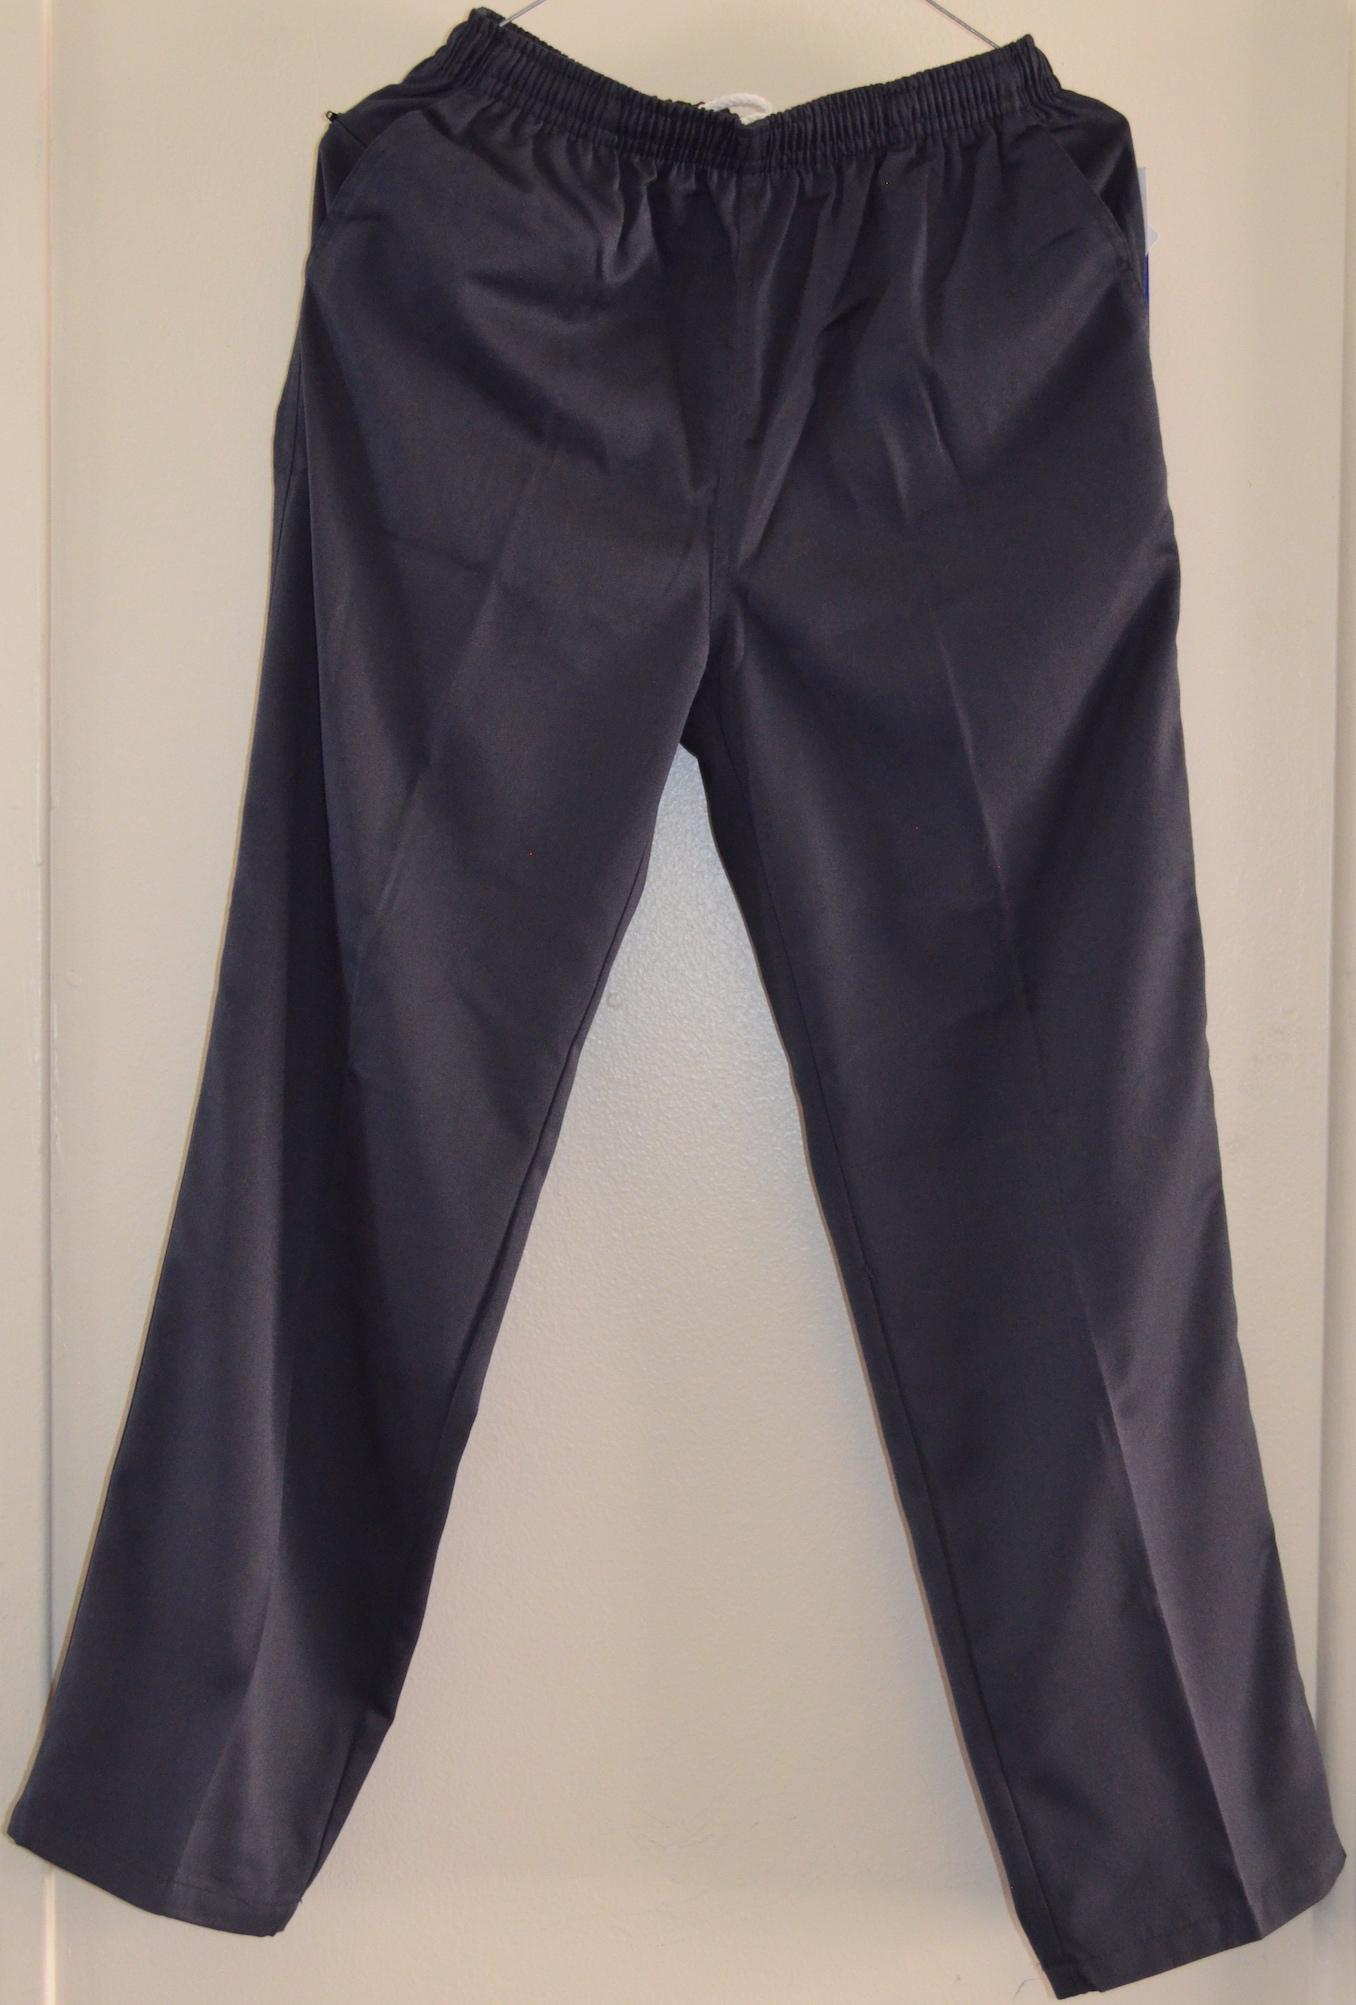 Junior unisex trousers